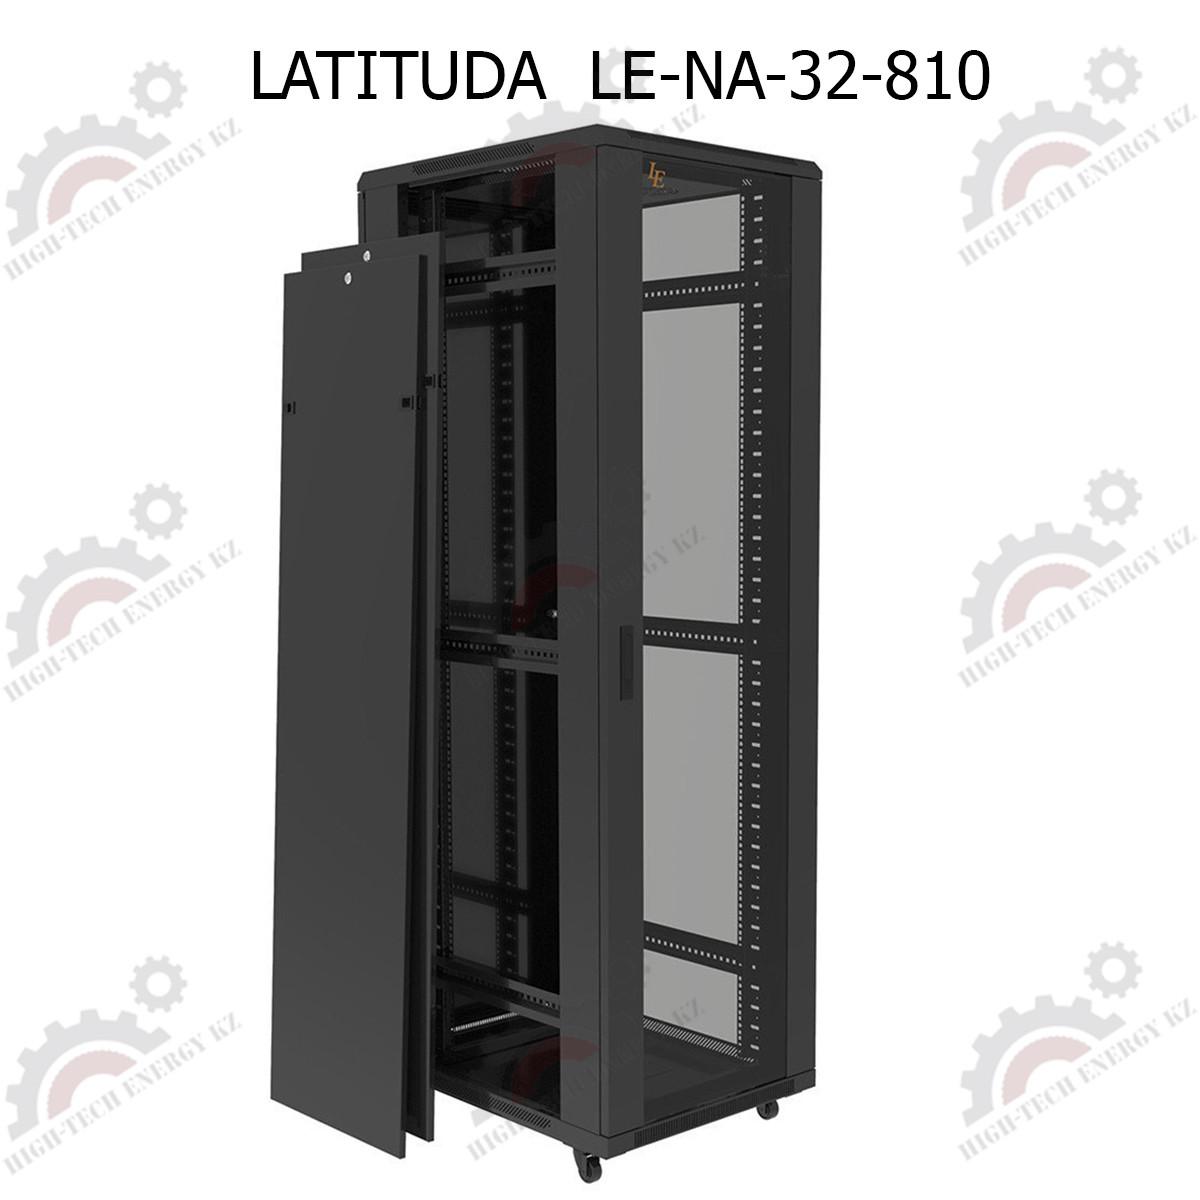 Шкаф серверный напольный LATITUDA 32U, 800*1000*1517мм, цвет черный, передняя дверь стеклянная